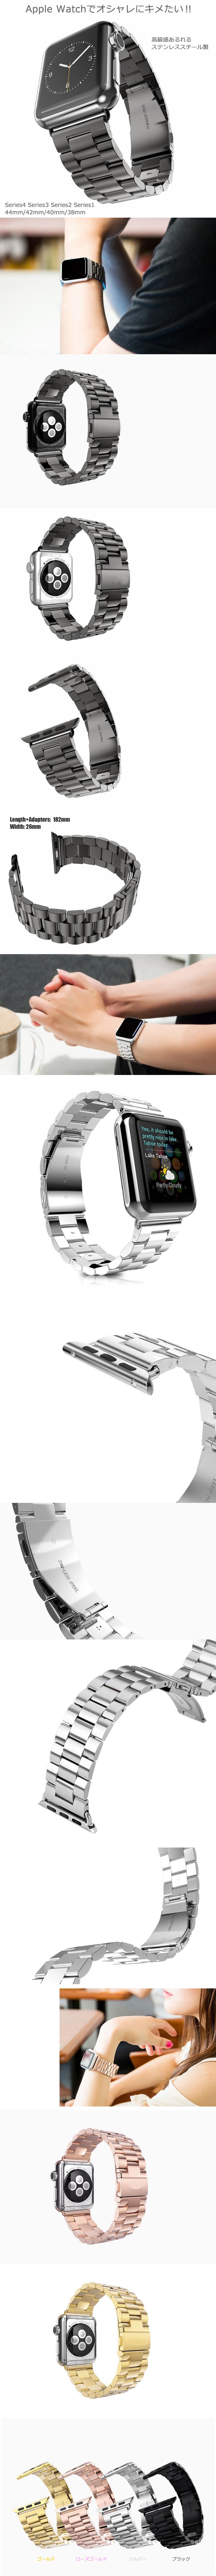 Apple watch series 4 バンド 44mm 42mm 40mm 38mm ステンレス オシャレ ベルト SERIES3 SERIES2 SERIES1 アップルウォッチ applewatch ローズゴールド ブラック シルバー ゴールド AppleWatch Series4 44mm 42mm 40mm 38mm アップル ウォッチ お洒落 交換 送料無料